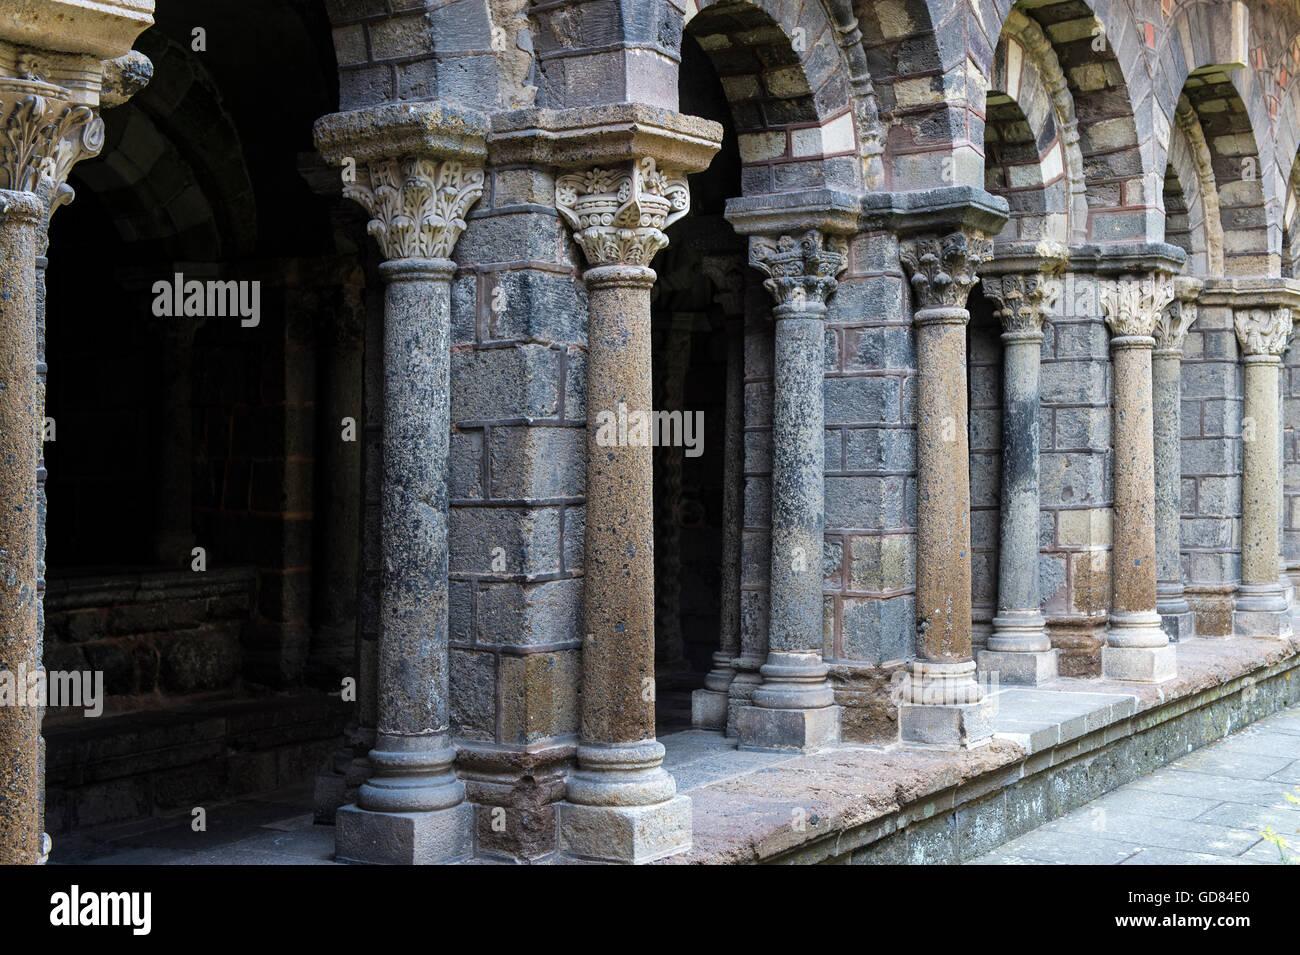 Europe, France, Haute Loire region, Le Puy en Velay, Notre Dame Cathedral Stock Photo